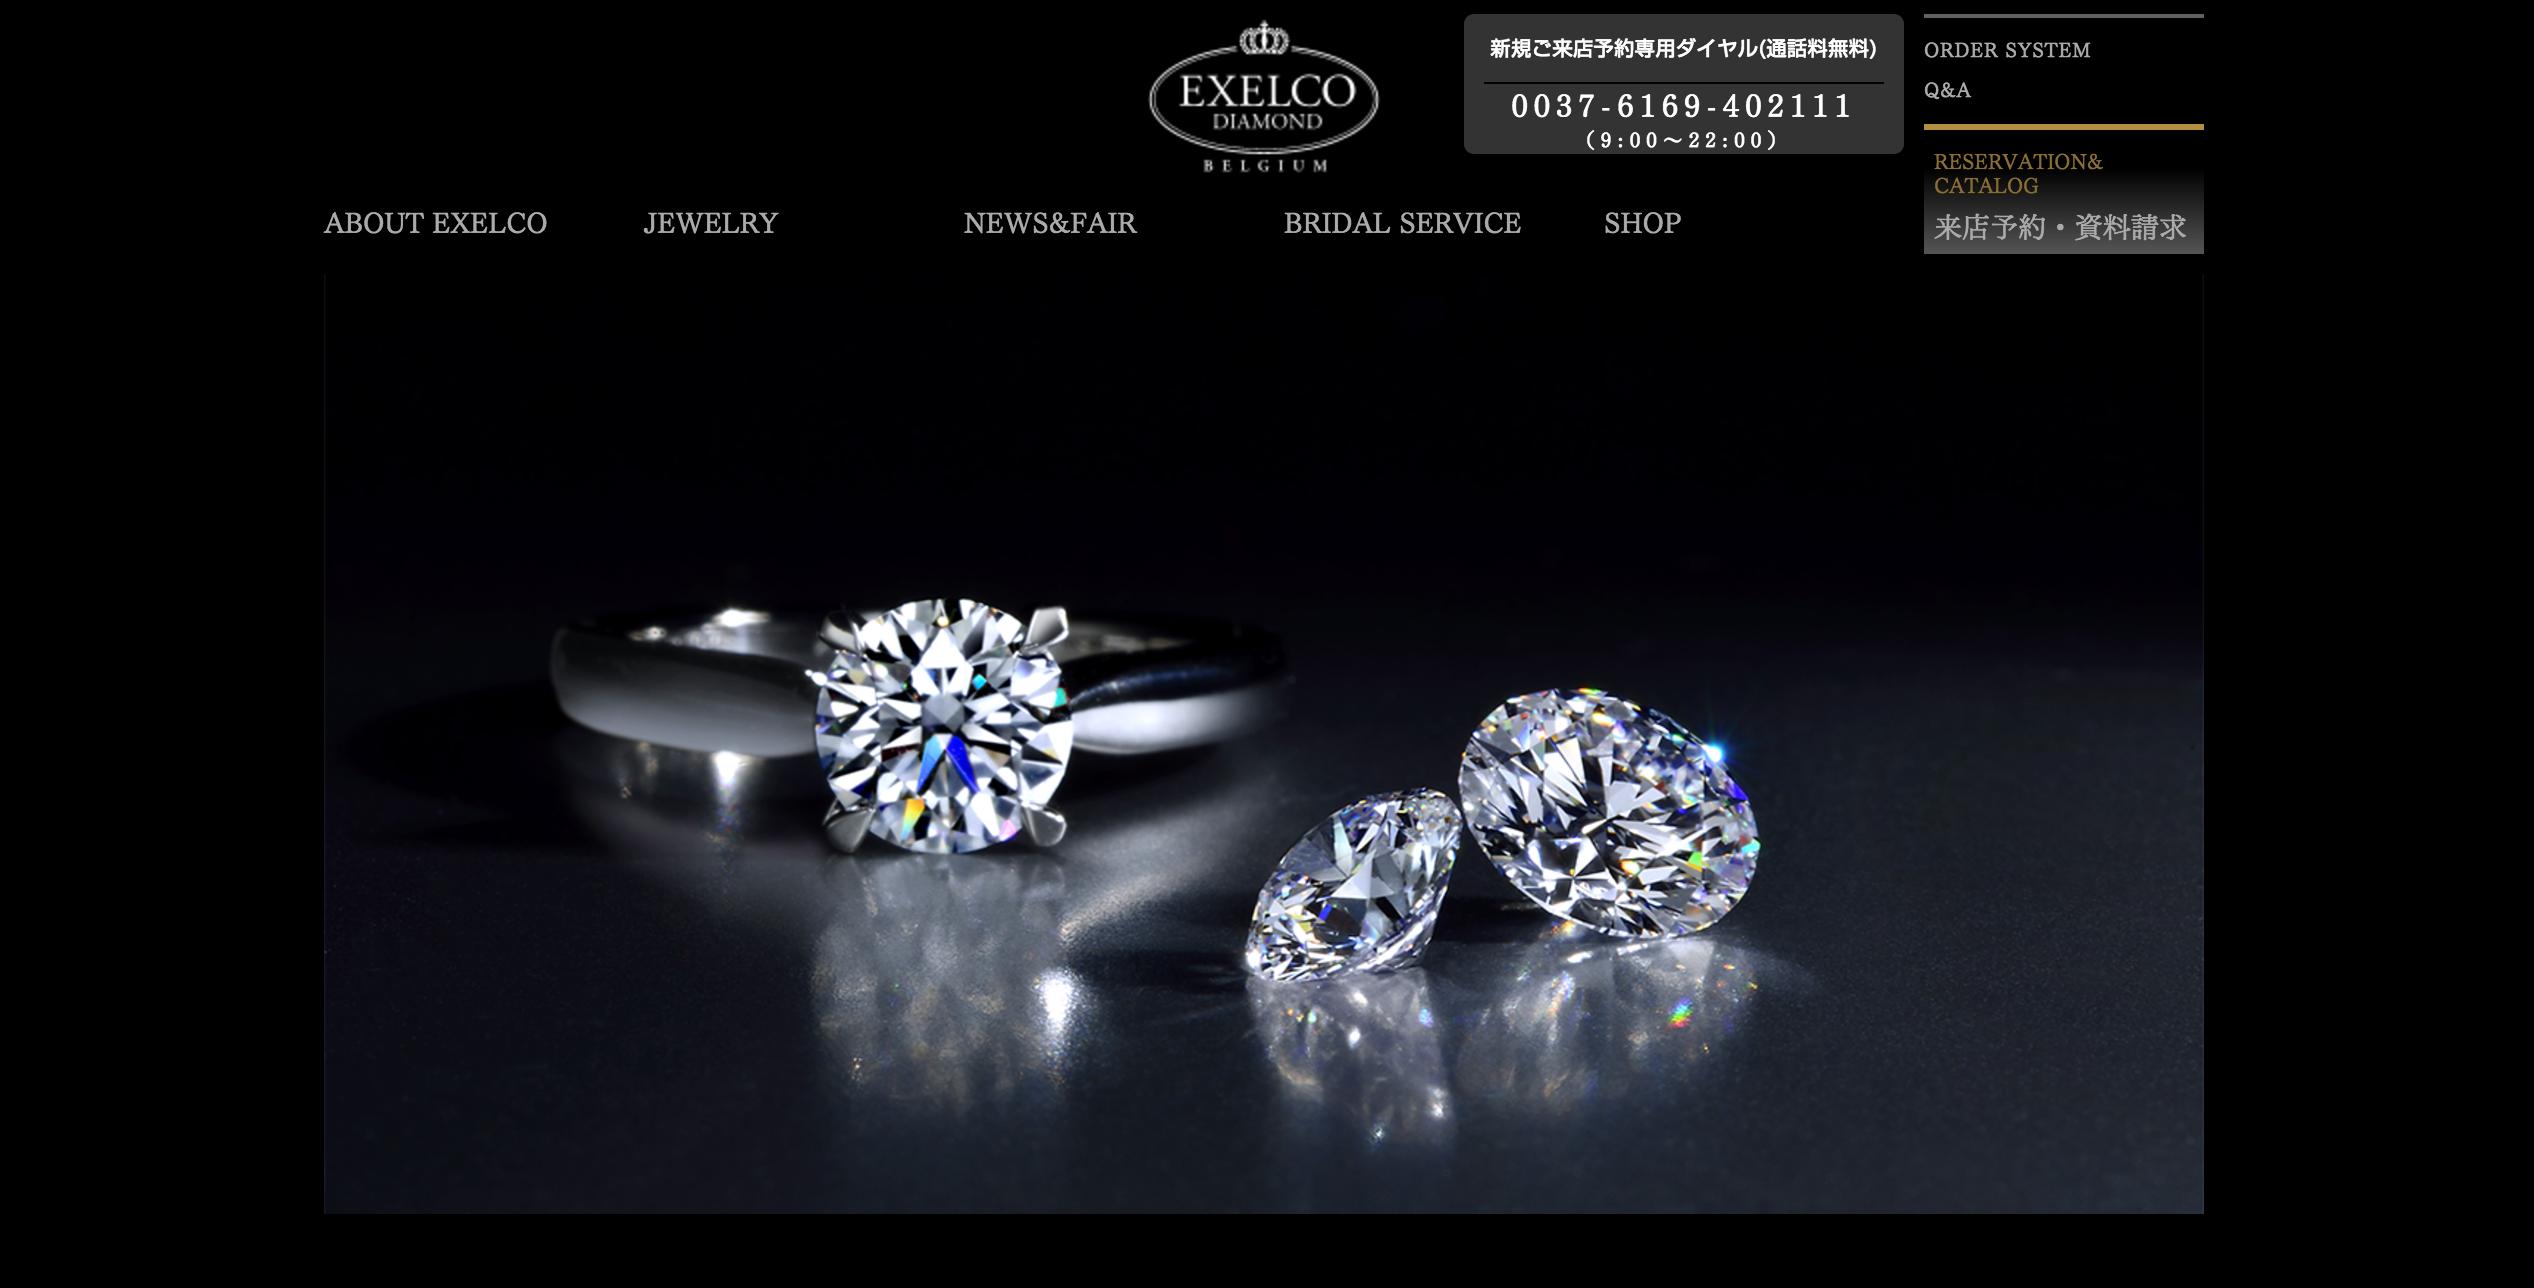 婚約指輪で高品質だけどリーズナブルなブランドとは?ダイヤモンドの輝きで選ぶならベルギー王室も御用達の「EXELCO DIAMOND(エクセルコ ダイヤモンド)」